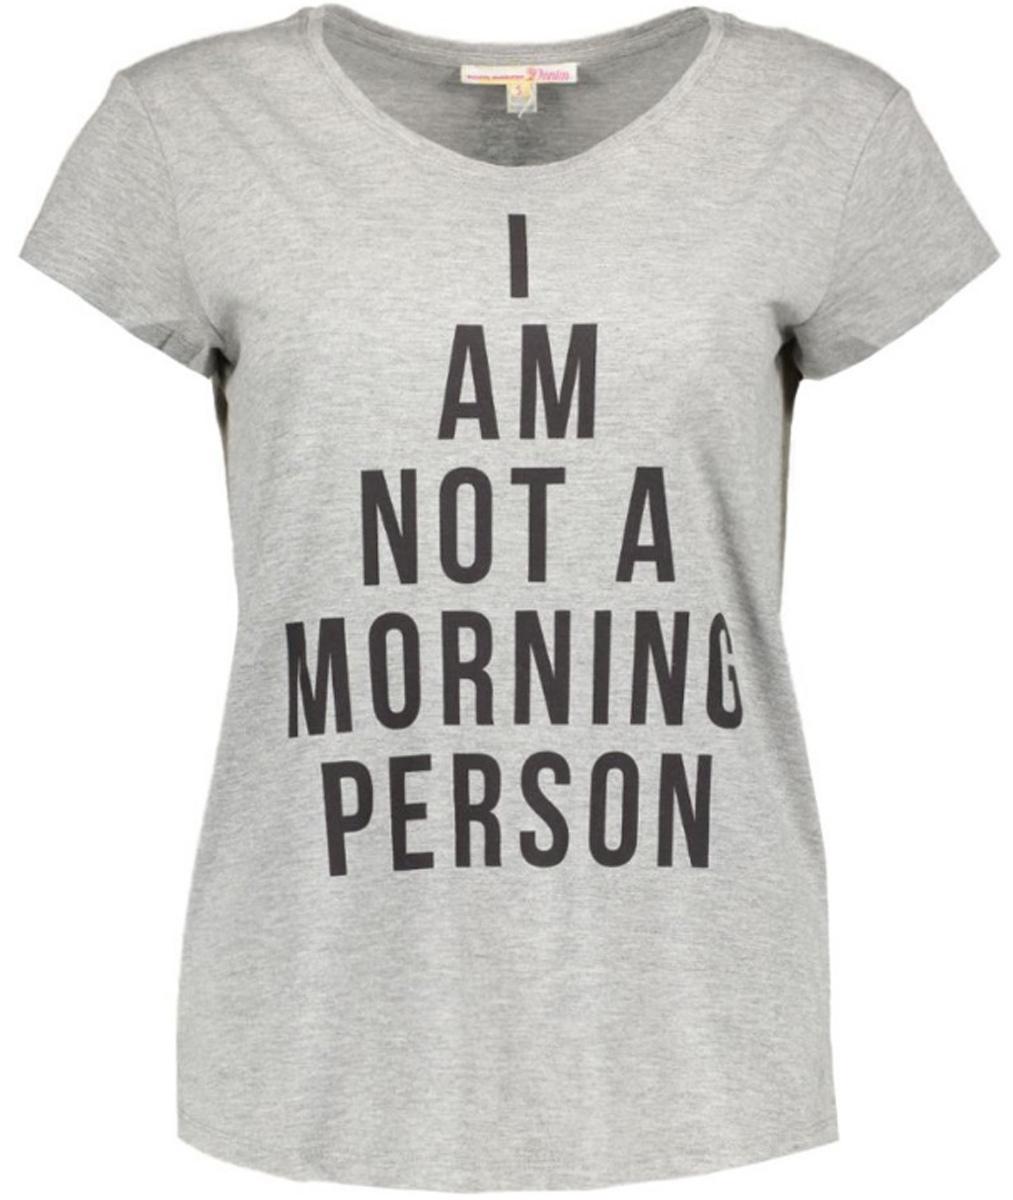 1036572.00.71_2707Модная женская футболка Tom Tailor Denim изготовлена из натурального хлопка. Модель с круглым вырезом горловины и короткими рукавами оформлена спереди буквенным принтом.